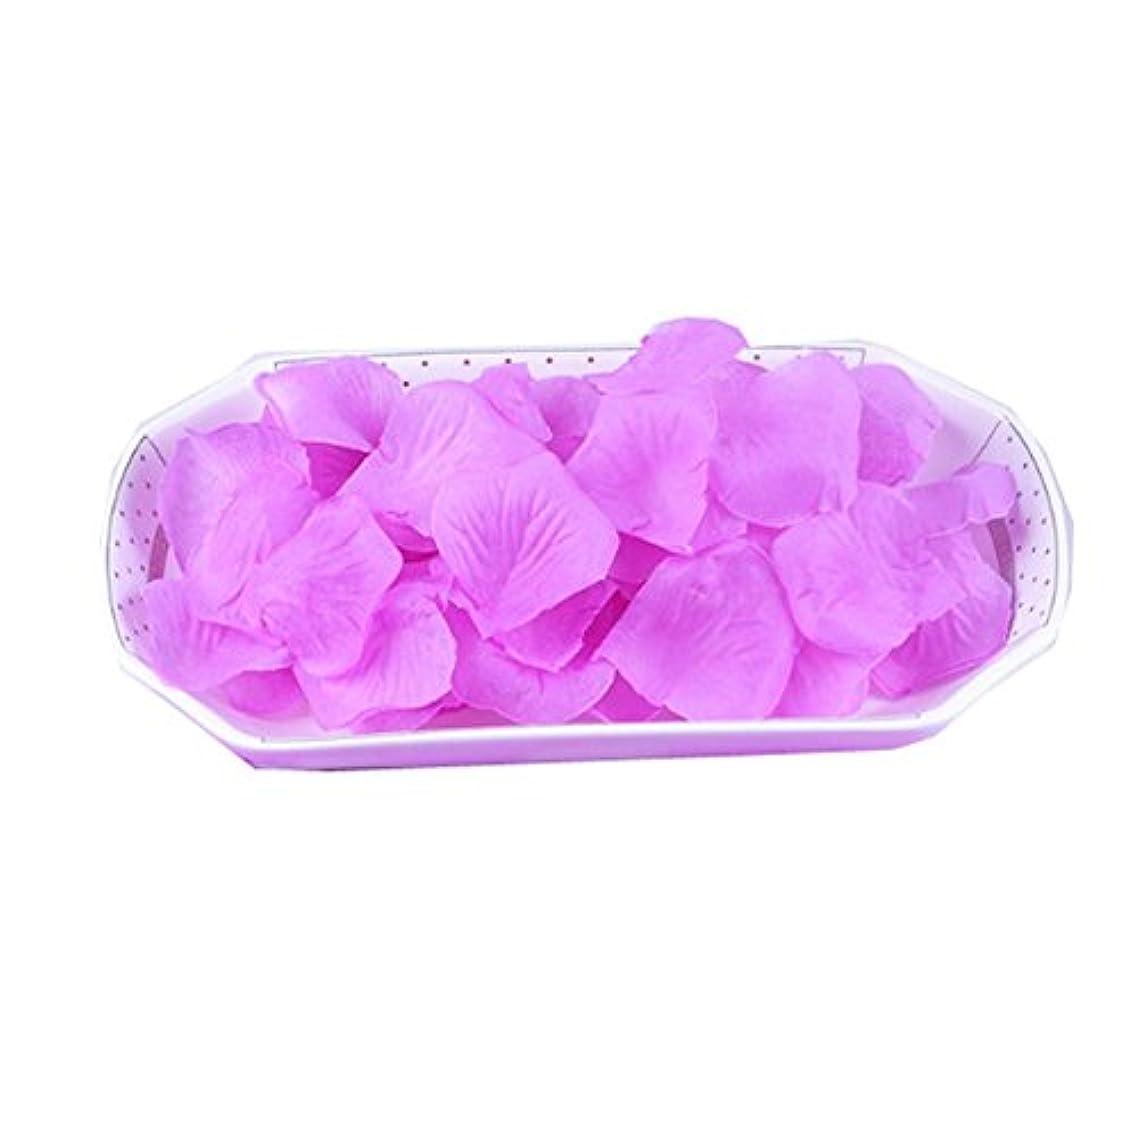 ユダヤ人レイプ明示的に結婚式の2000 PC用の人工花びら紫